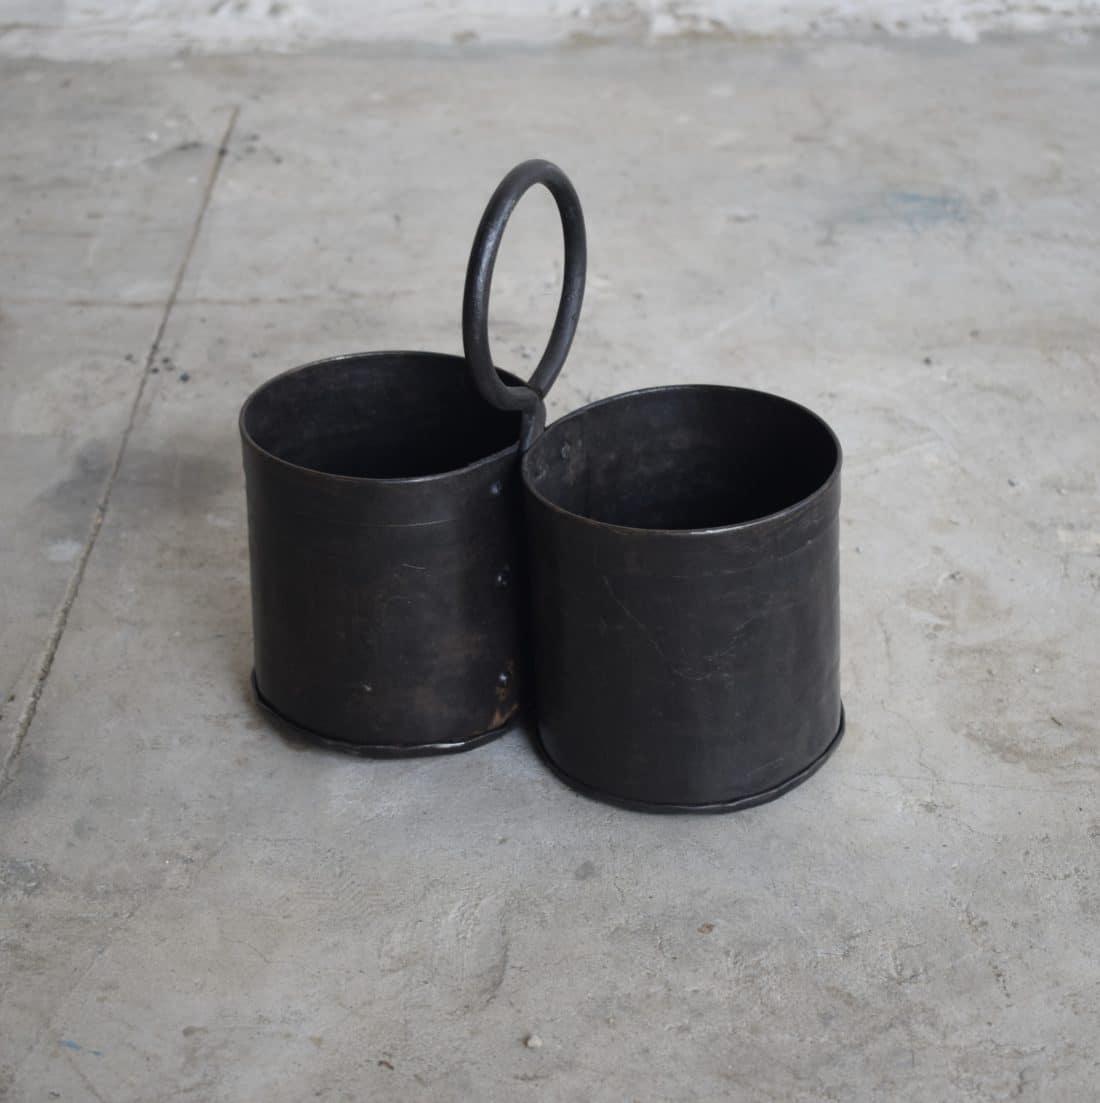 Stoere Dubbele Bakjes Met Ring